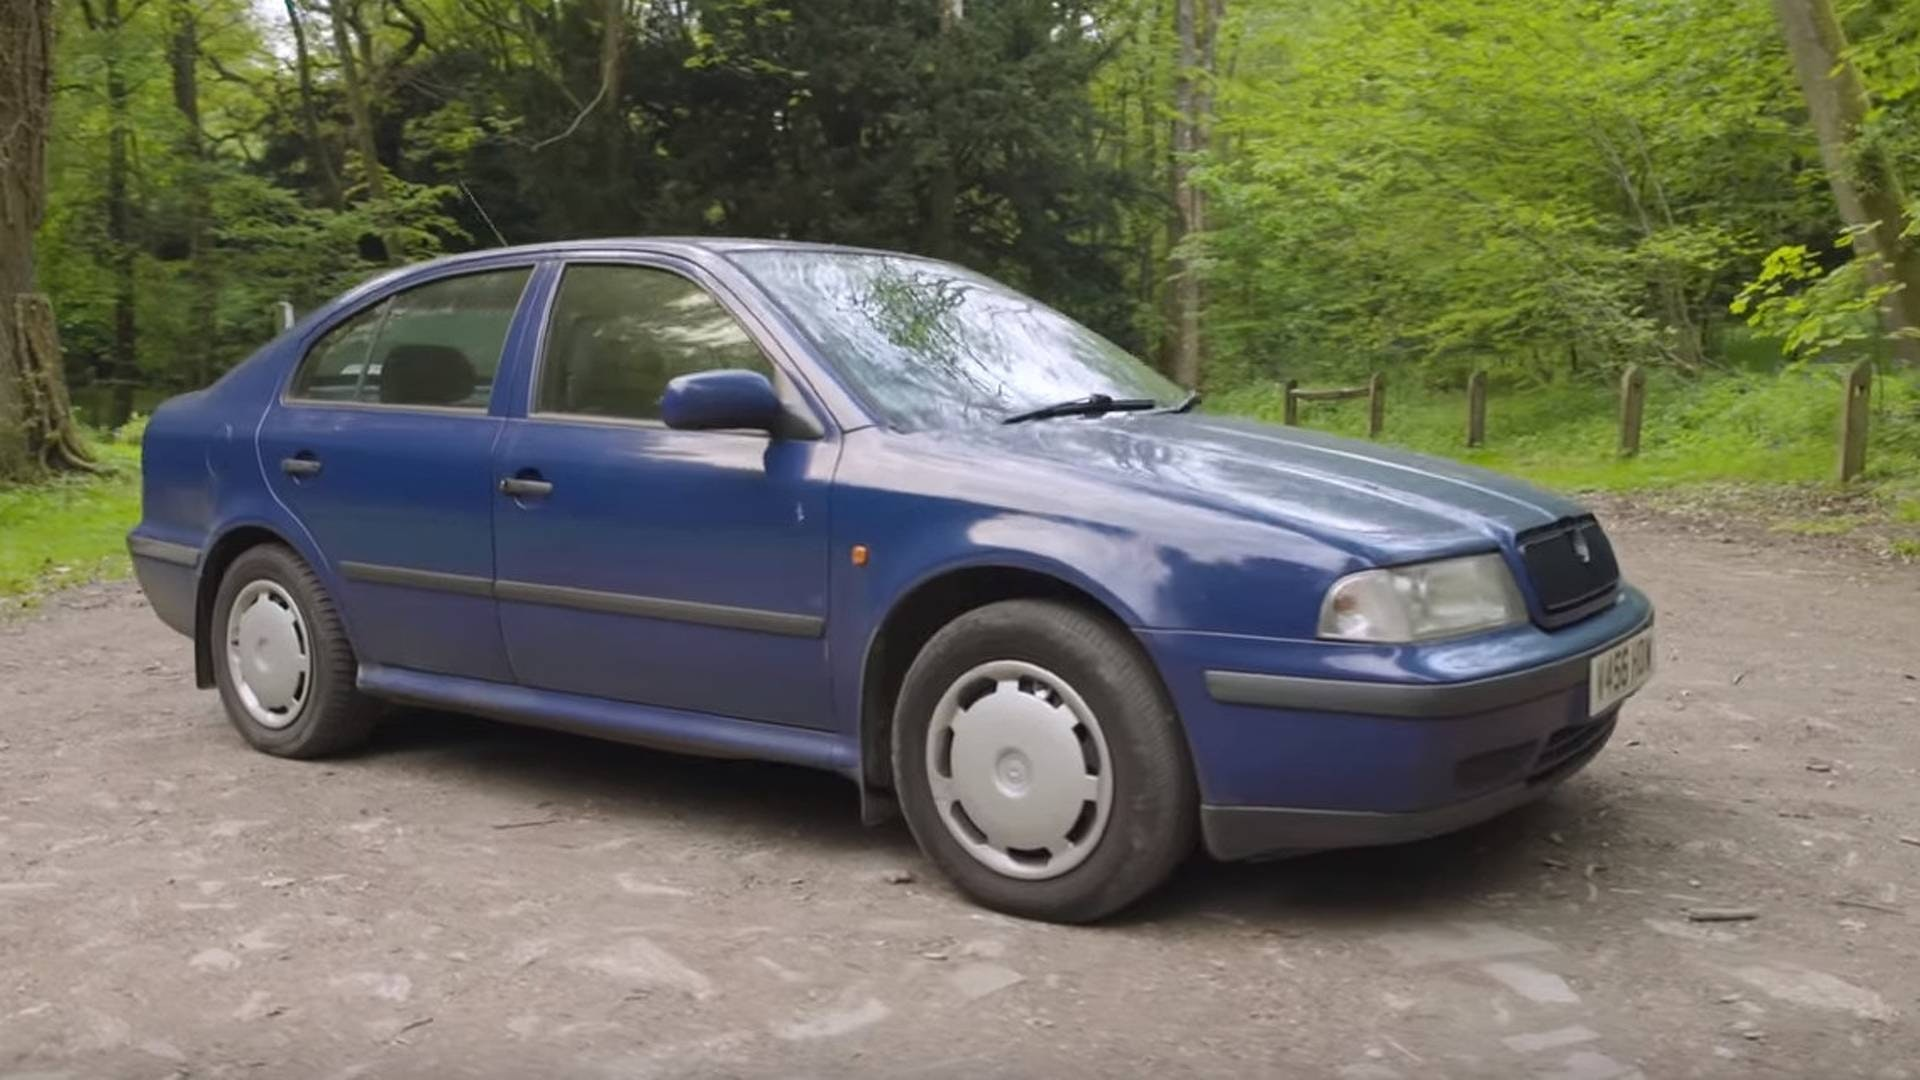 Шкода Октавия 1998 в синем цвете